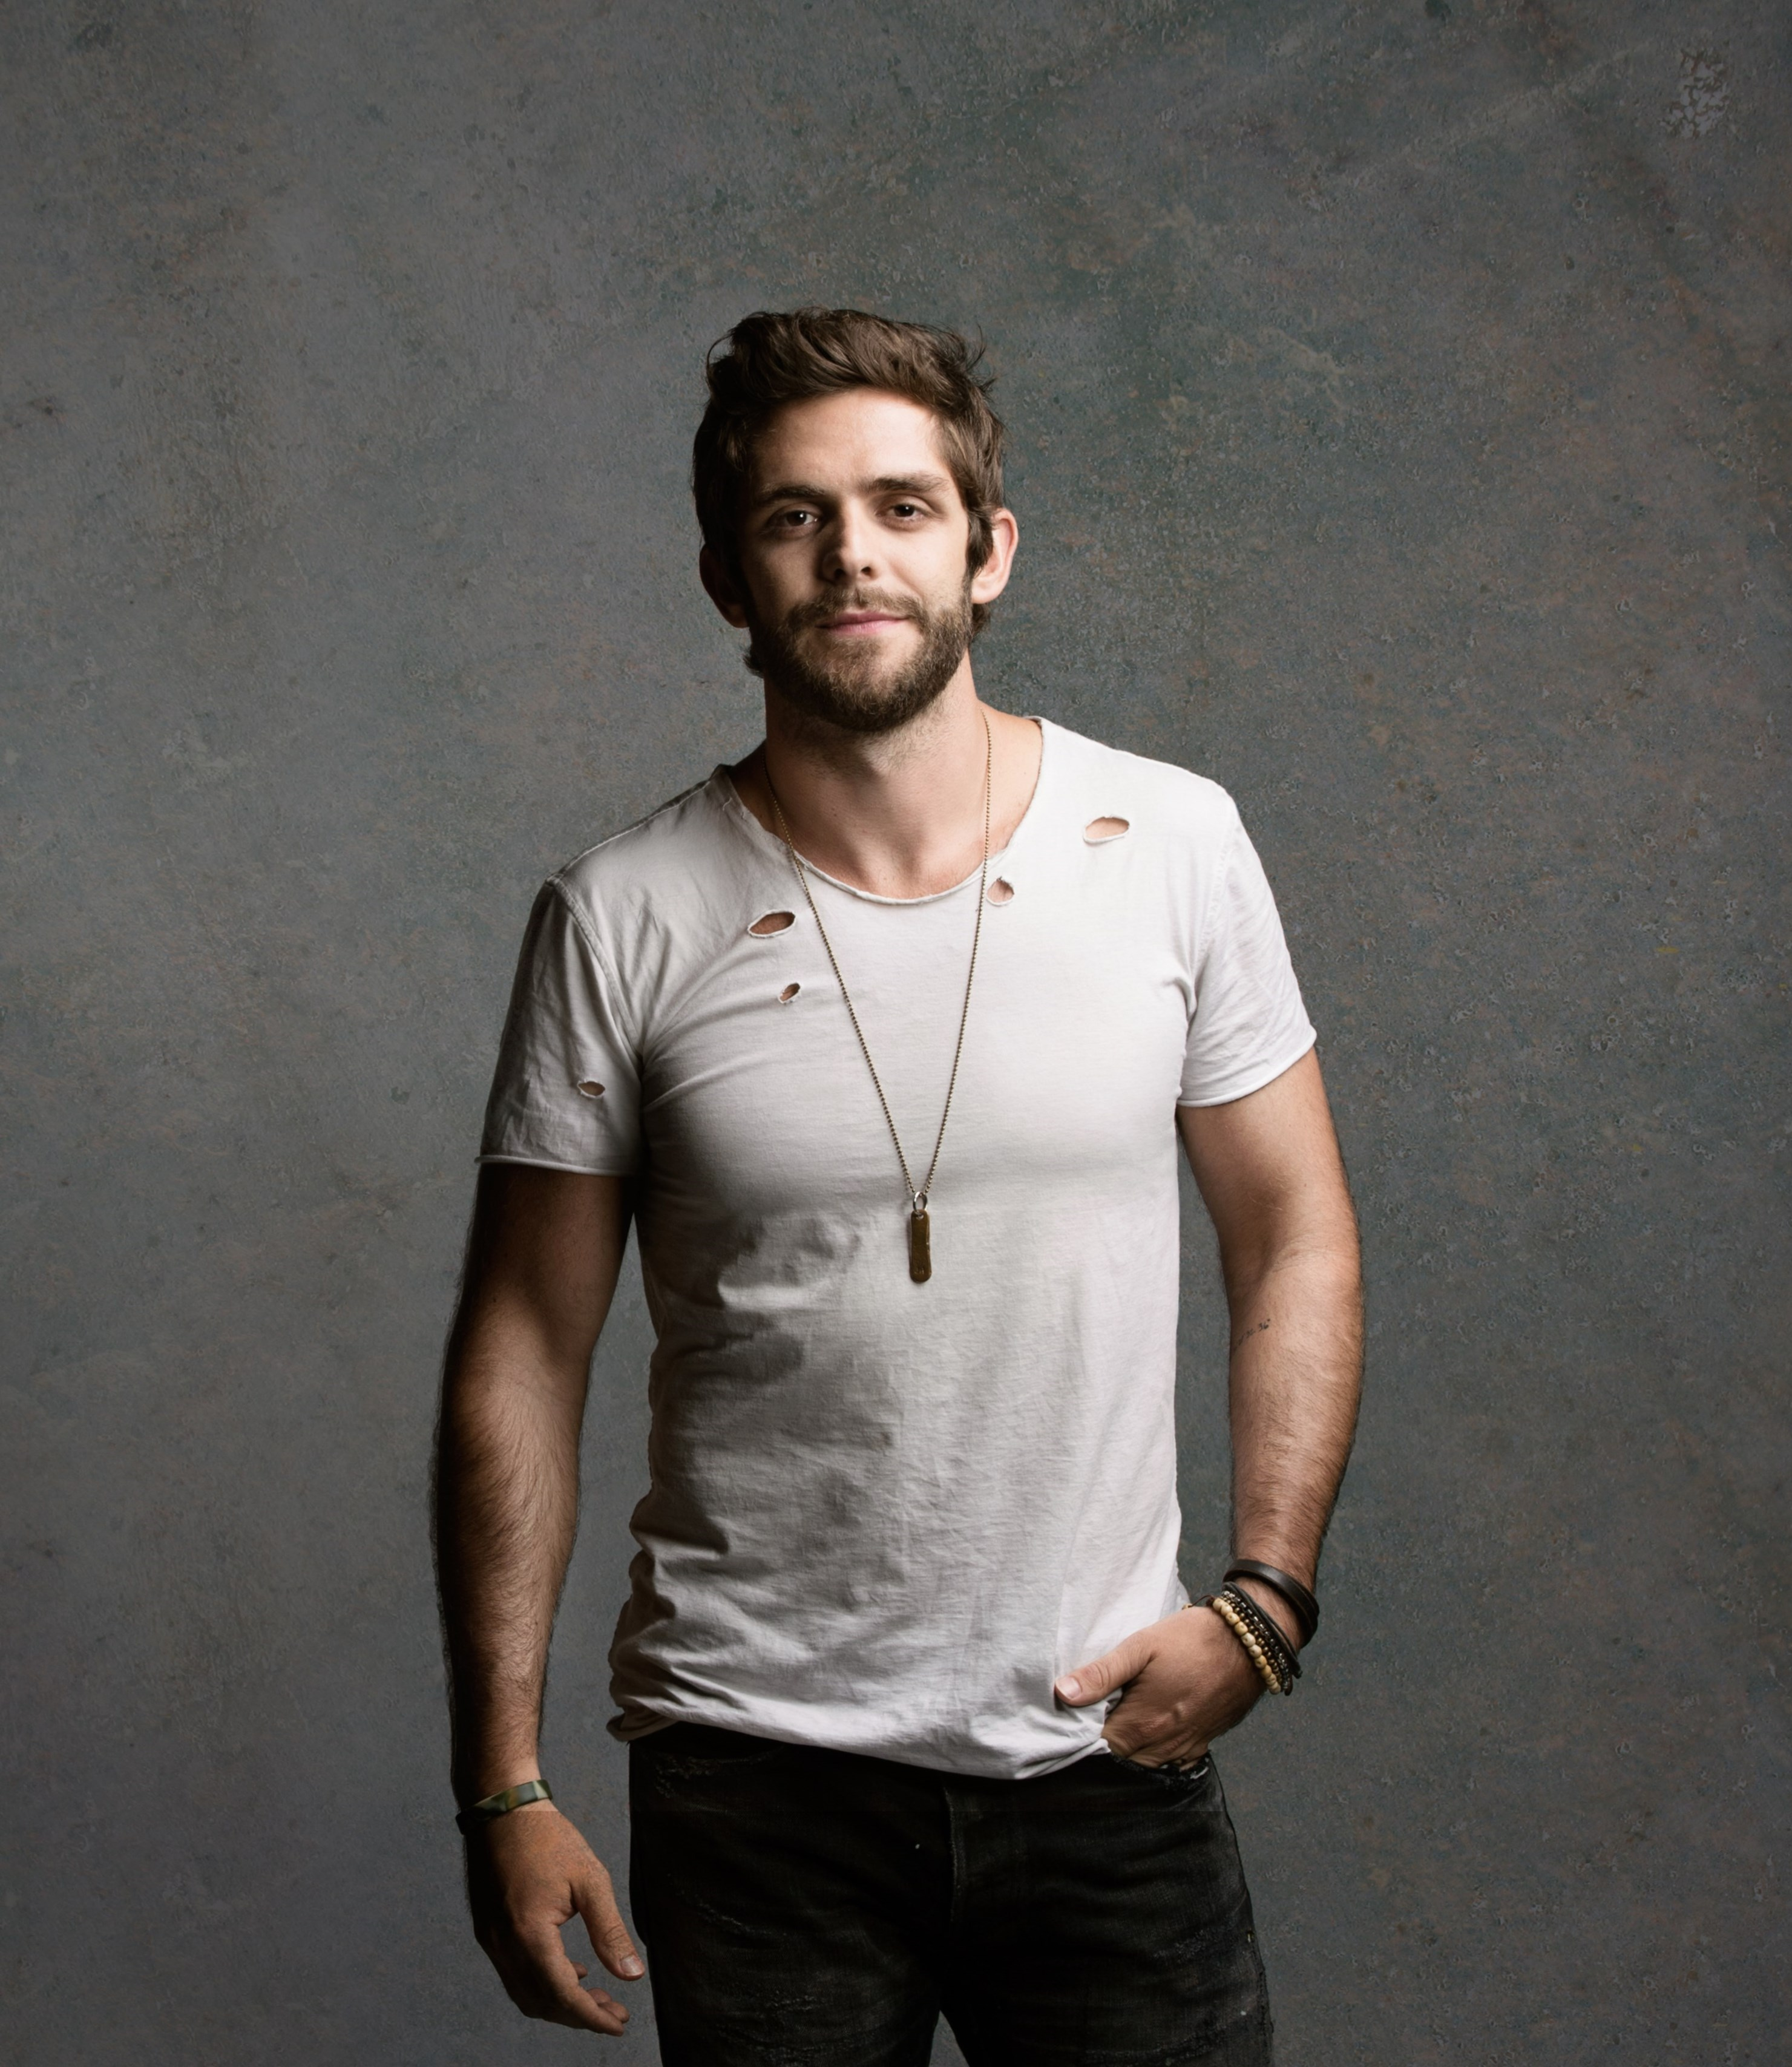 Thomas Rhett - Height, Weight, Age